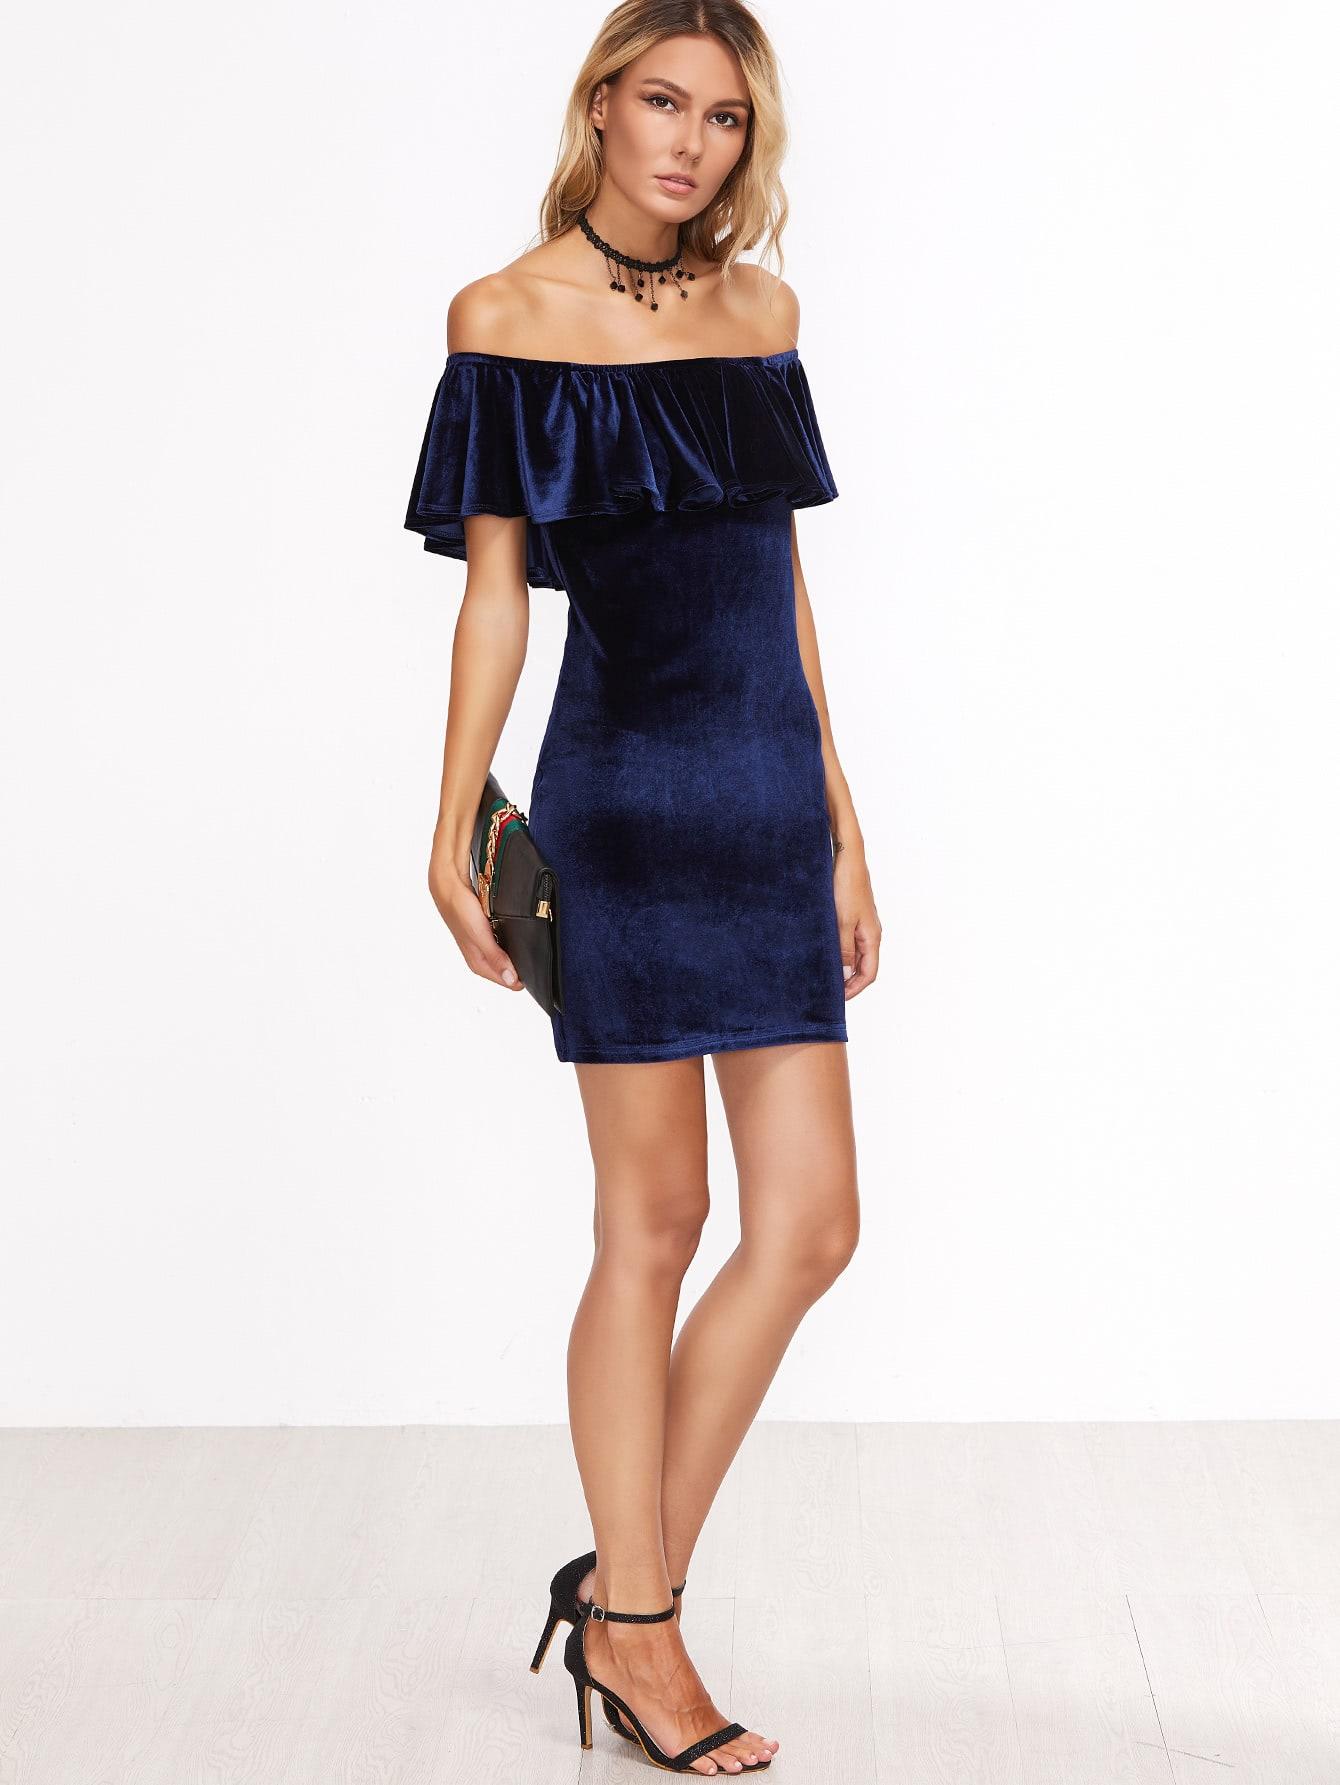 dress161019712_2